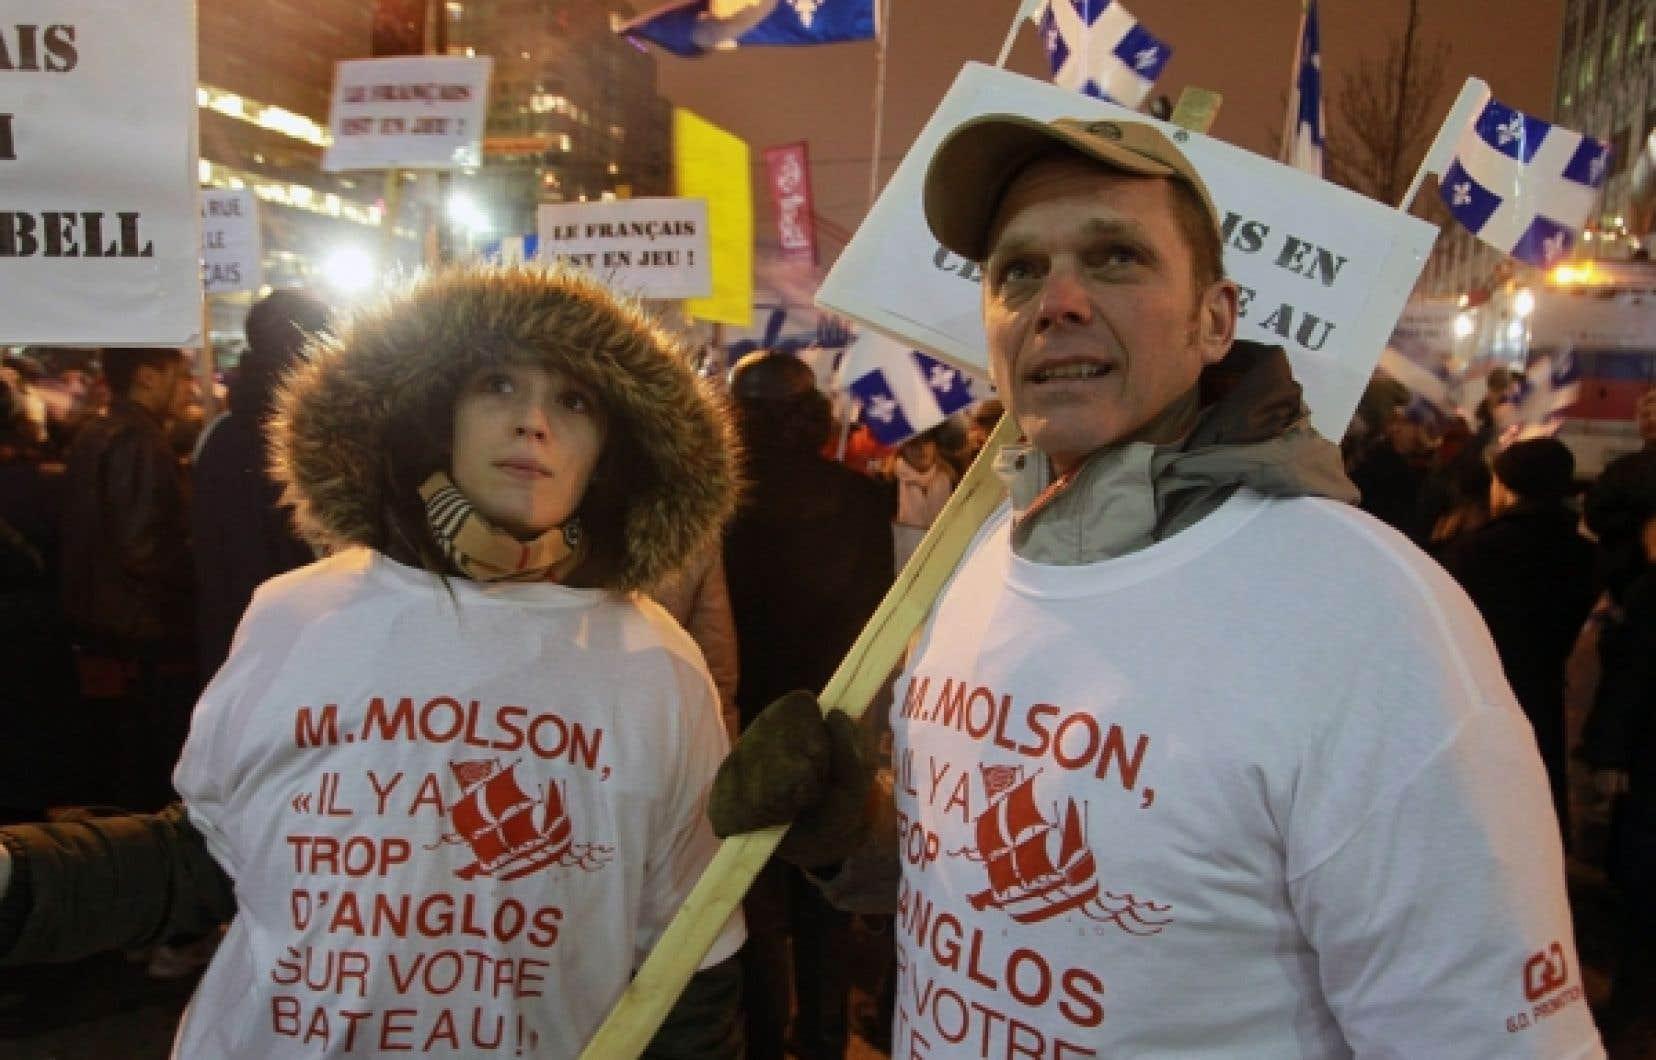 Le Mouvement Montréal français a distribué des drapeaux du Québec aux amateurs présents devant le Centre Bell, les invitant à les agiter pendant le match, afin de manifester leur indignation.